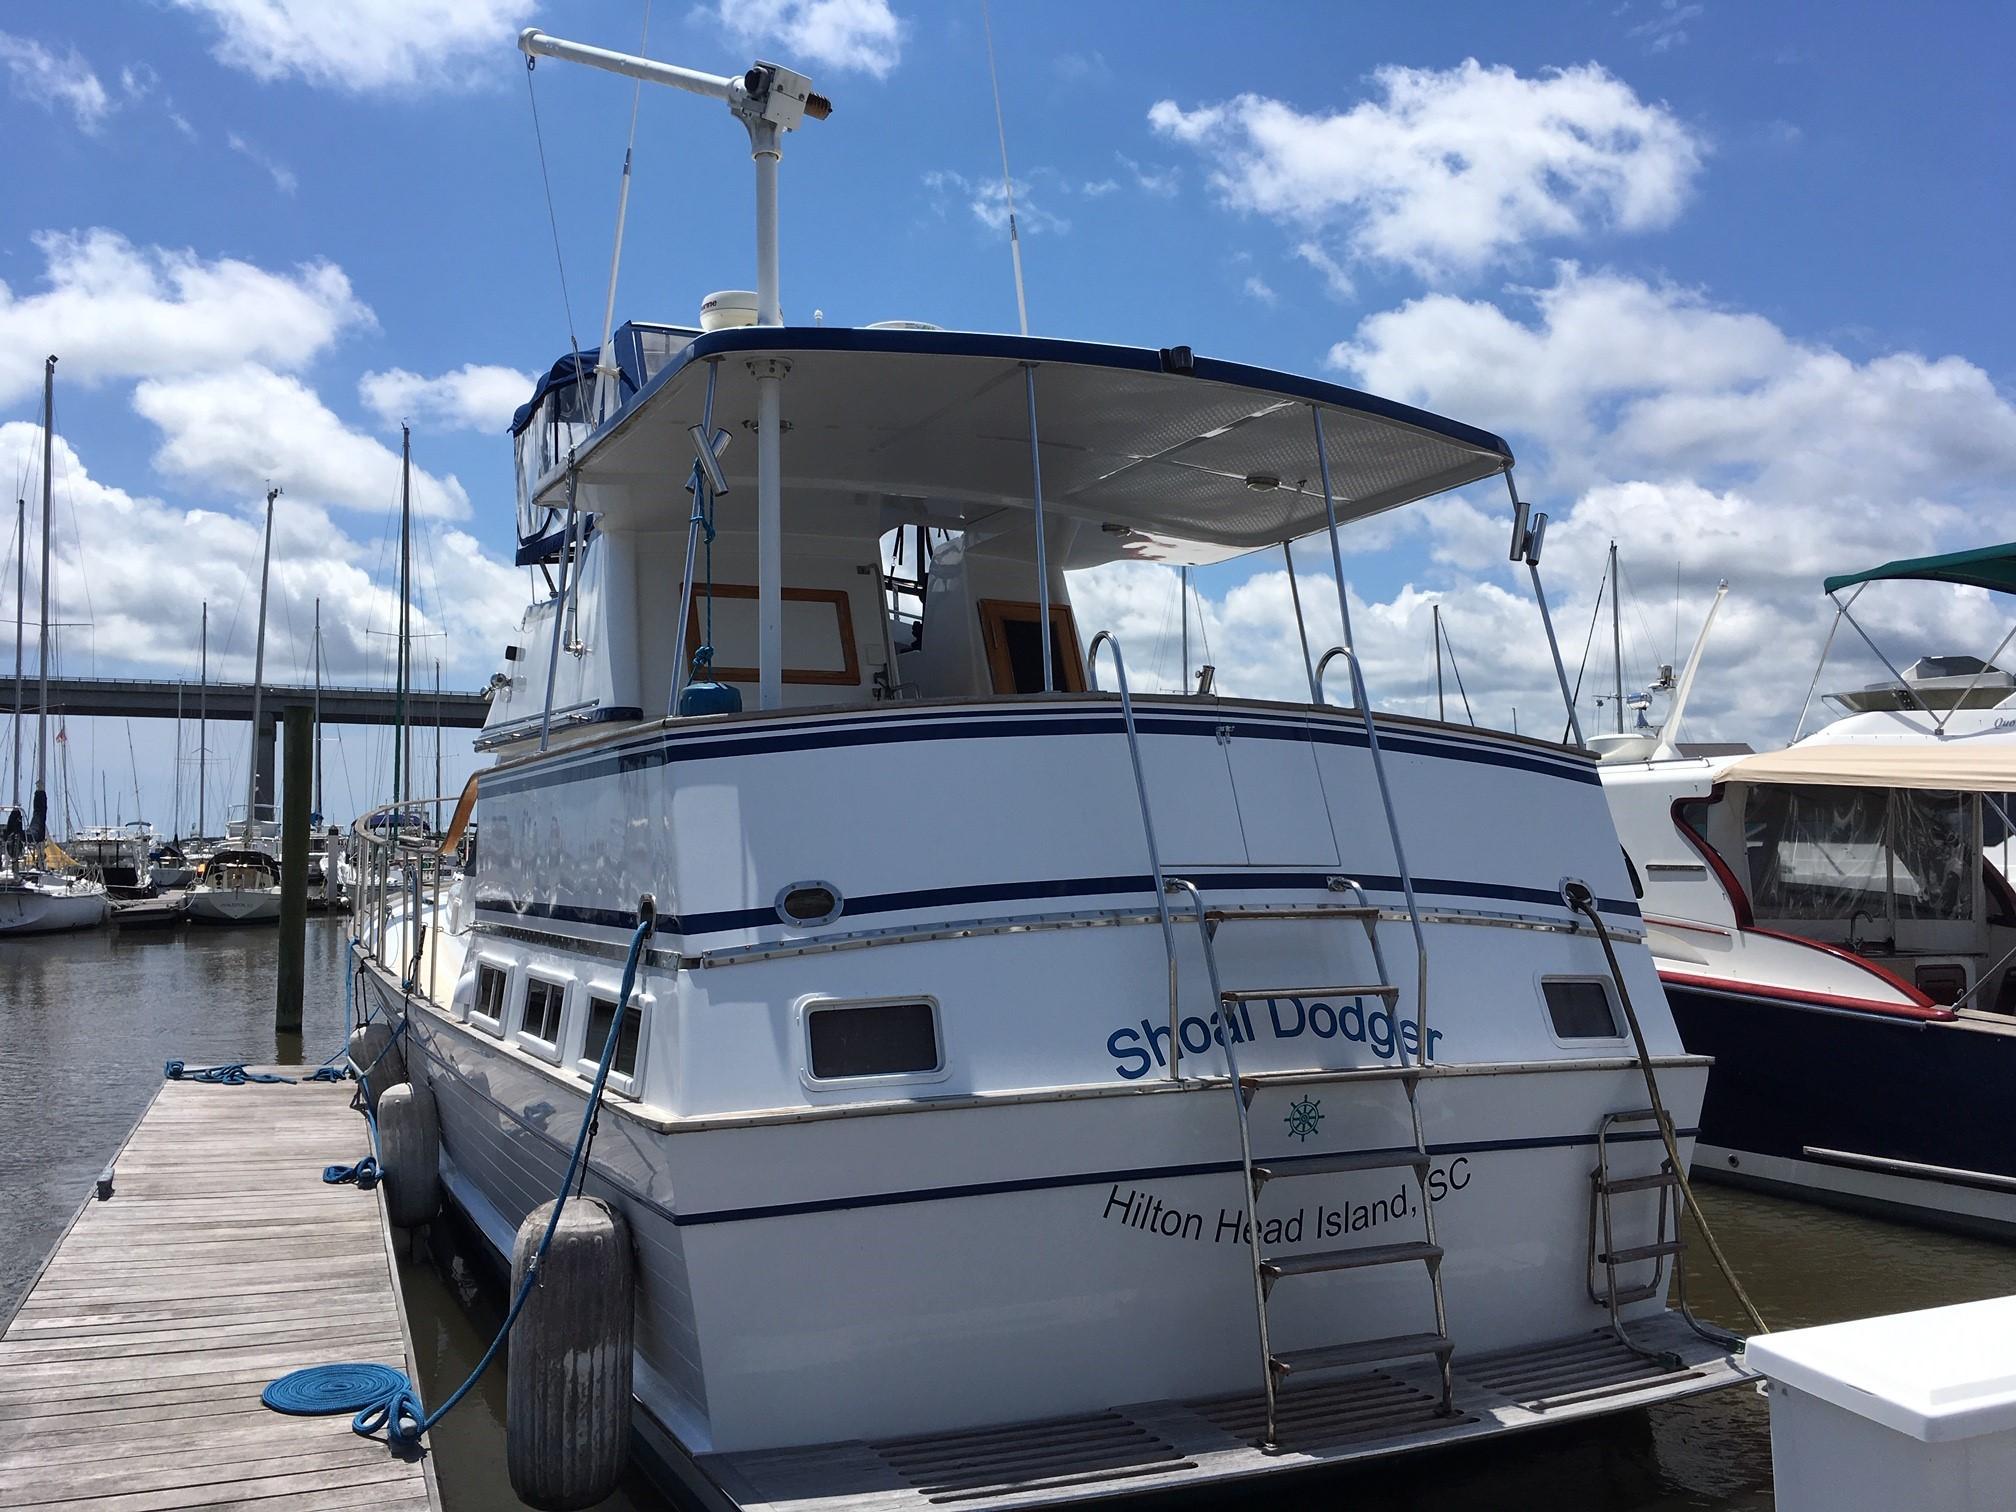 Marine Trader 43 LaBelle Trawler - marine trader 43 labelle stern